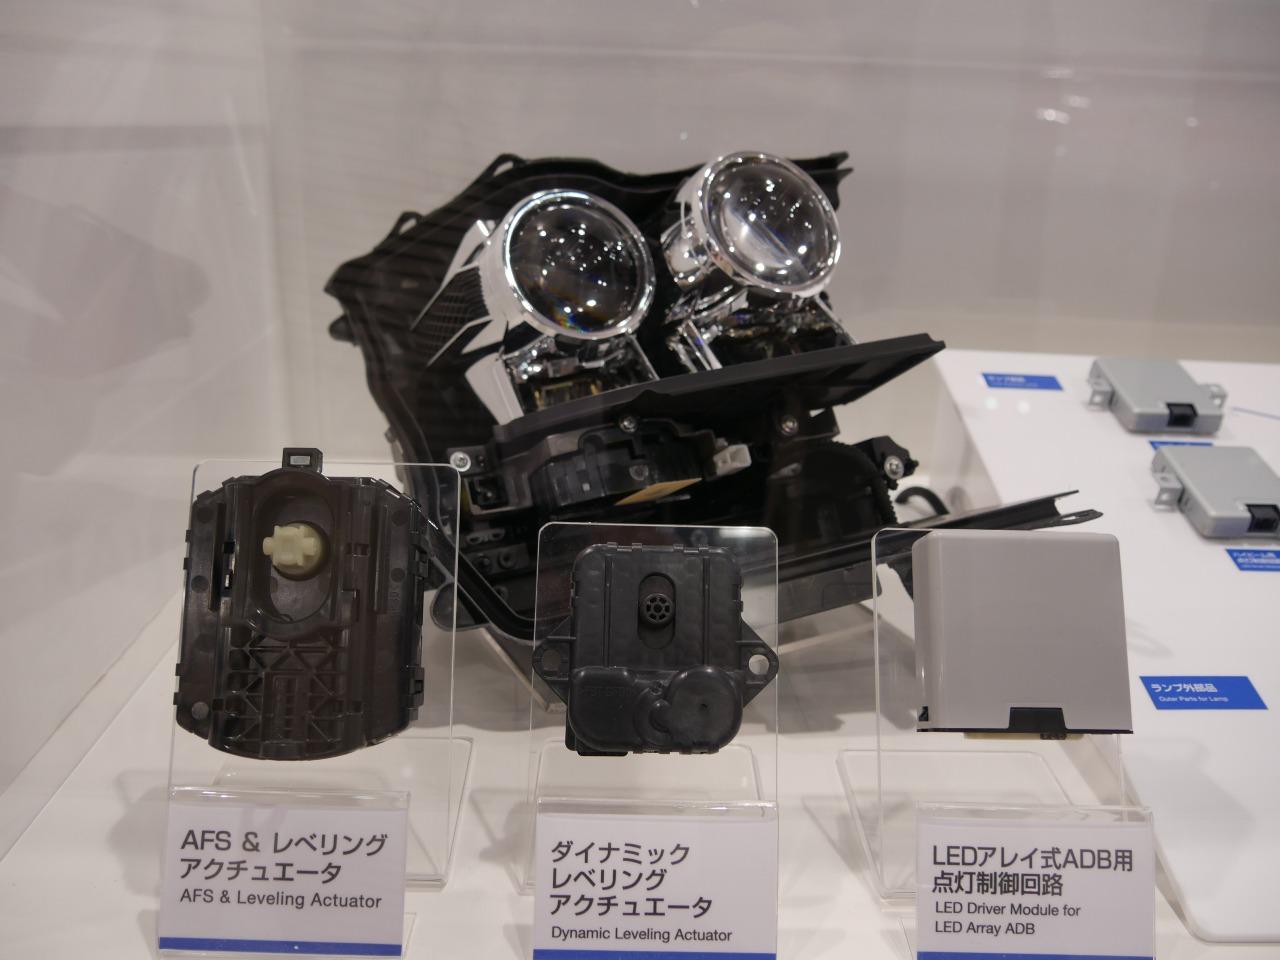 le d tail des composants de la nouvelle toyota prius 4 au salon automobile de tokyo 2015. Black Bedroom Furniture Sets. Home Design Ideas